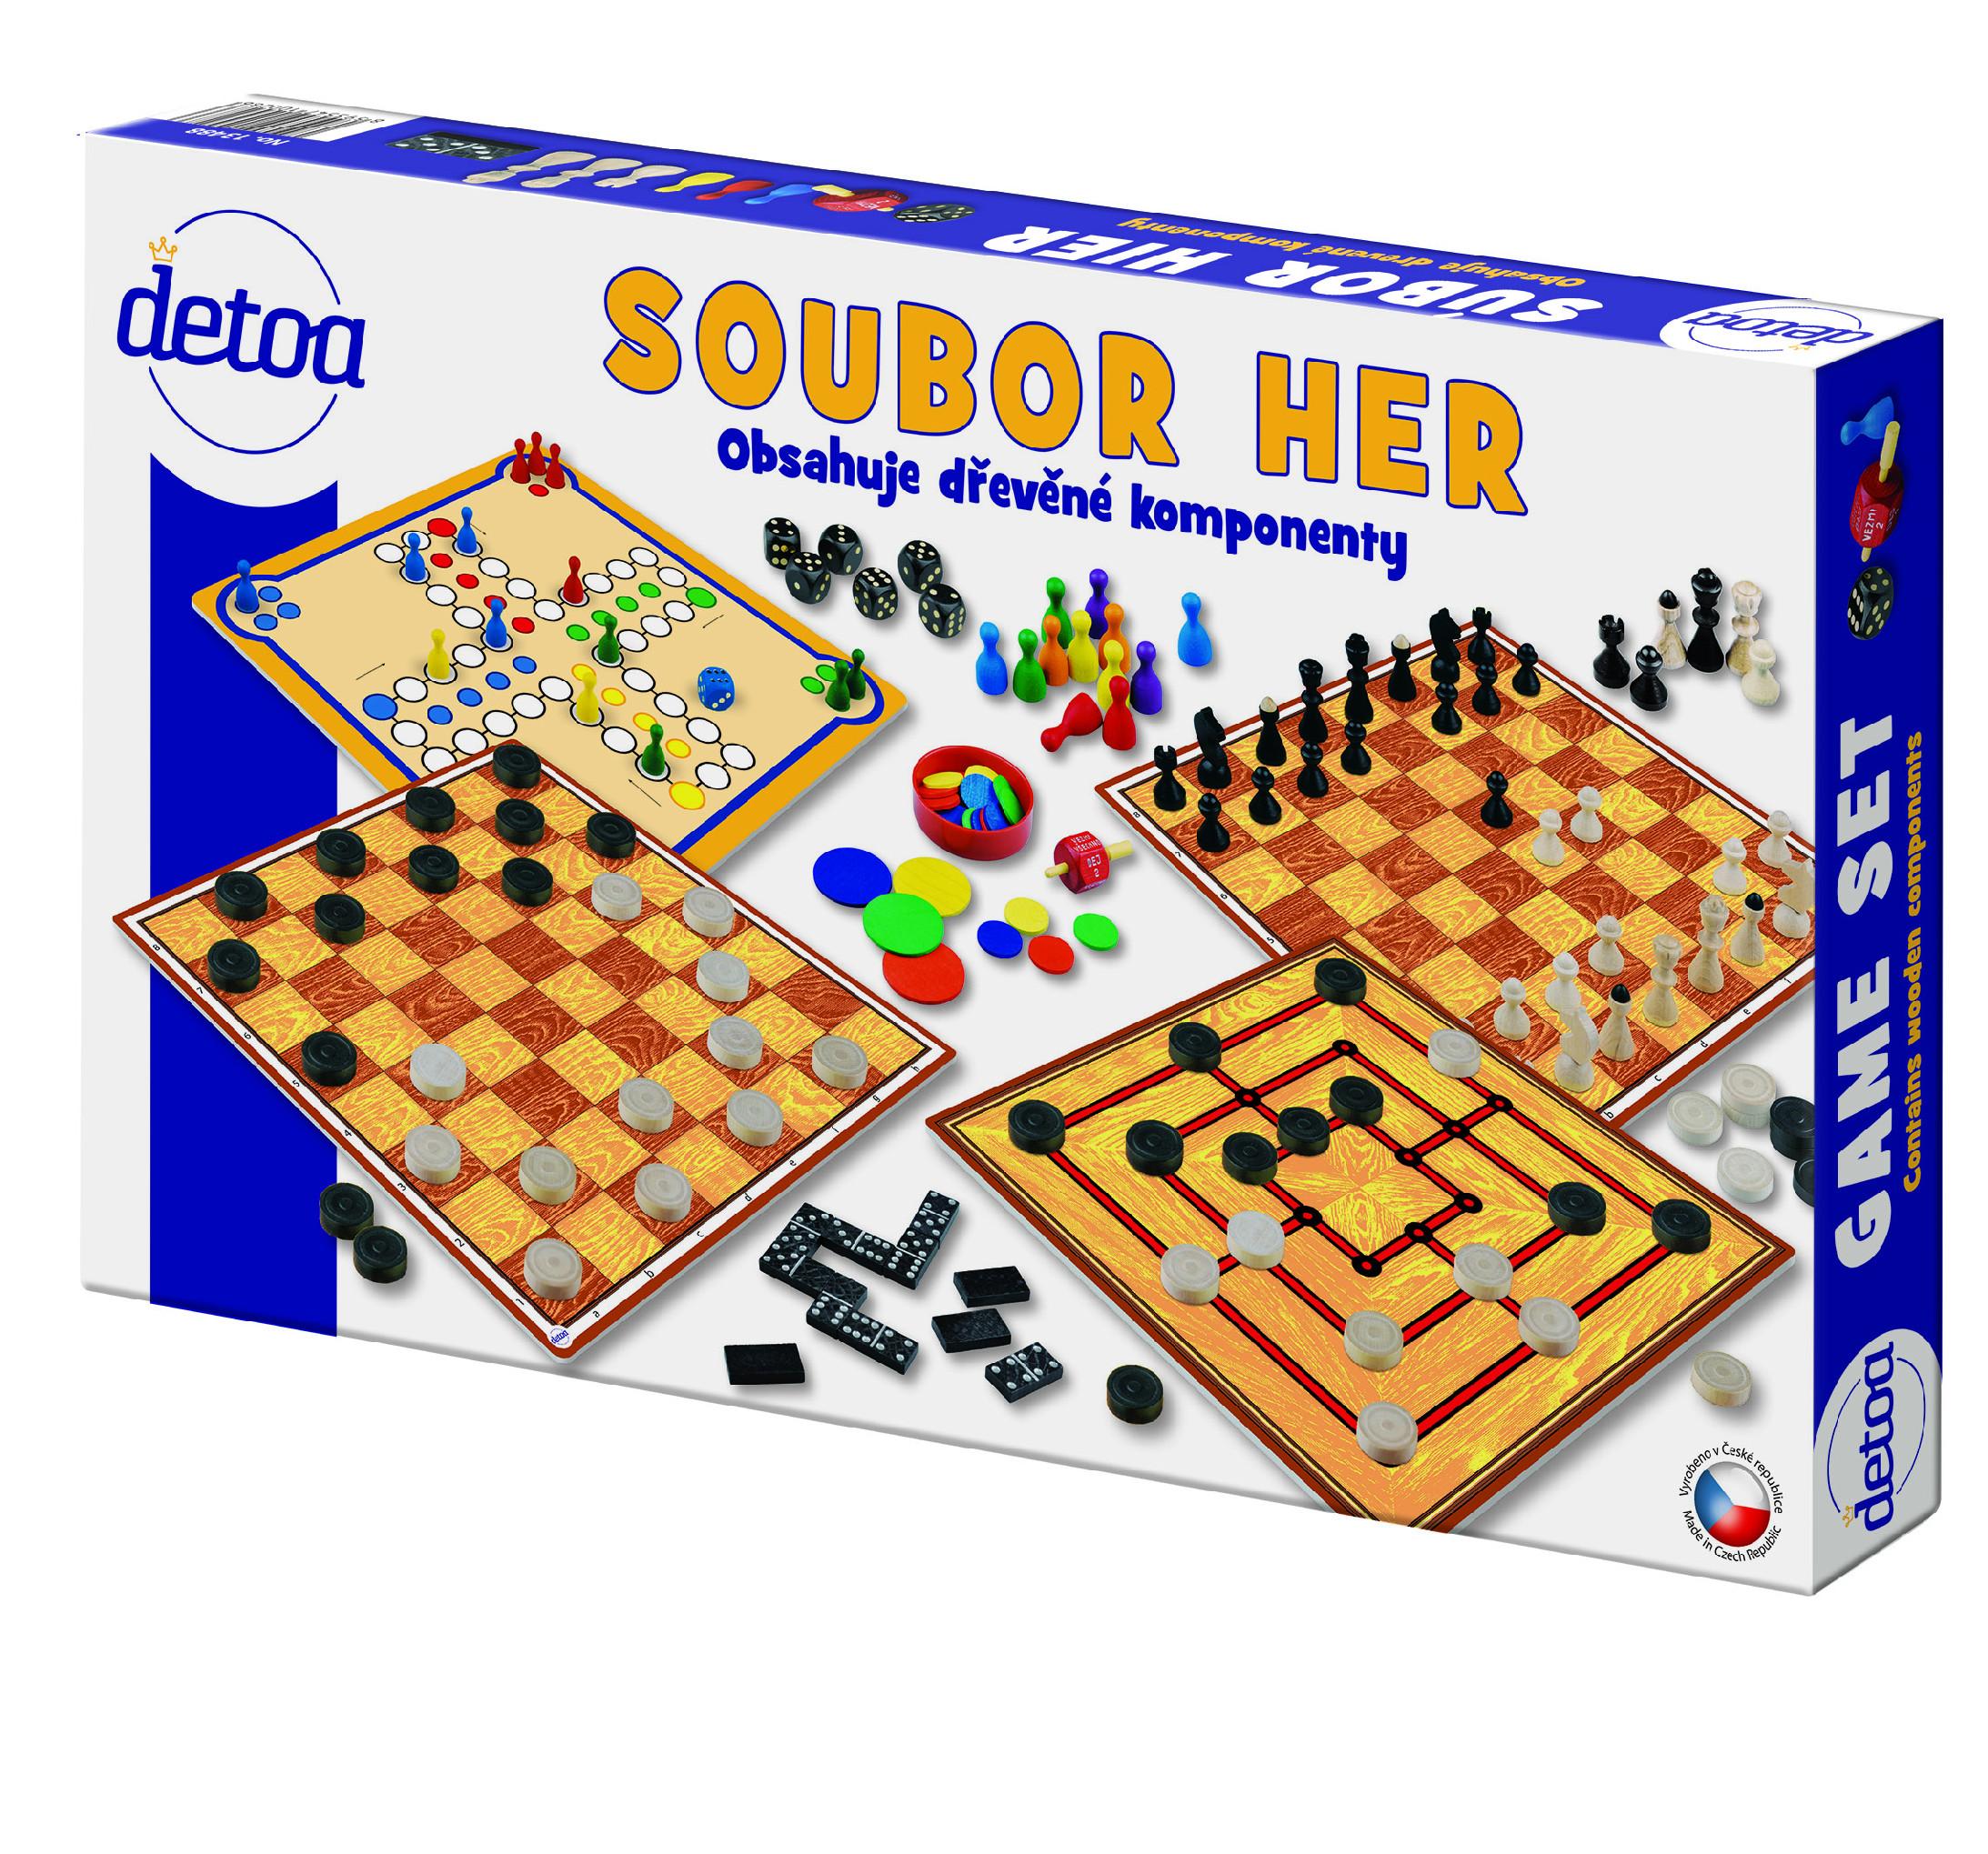 DETOA Soubor her